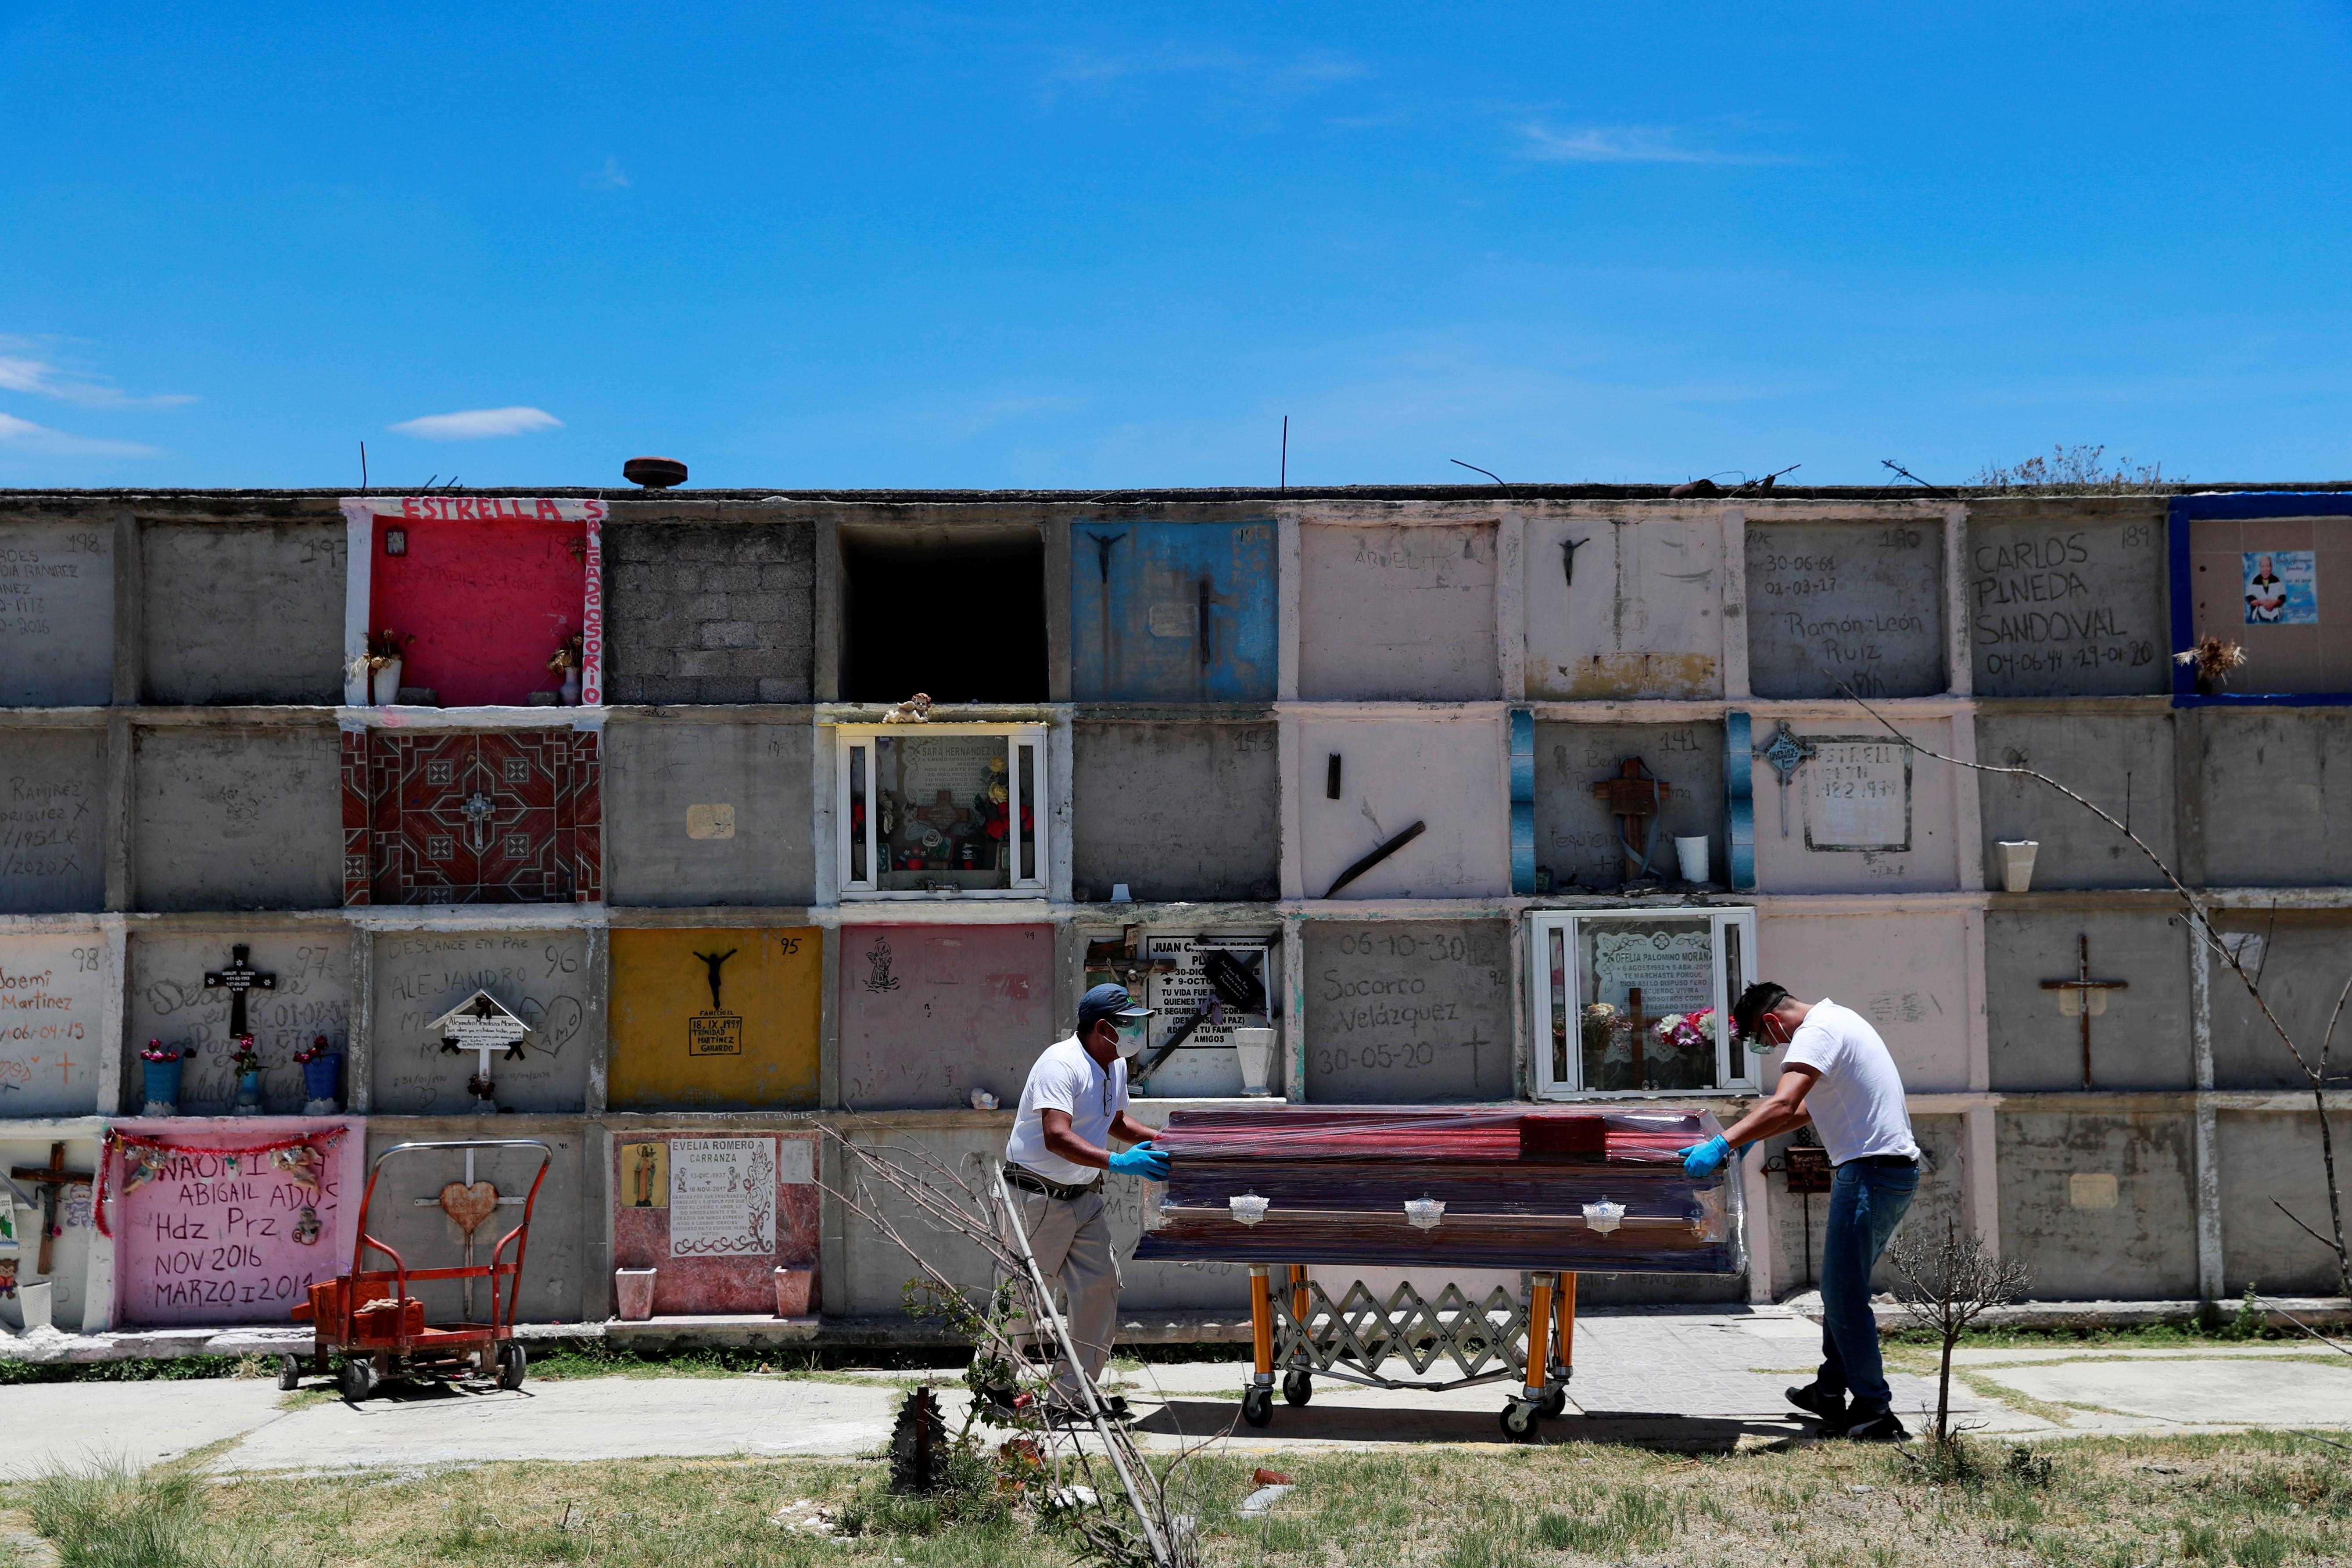 Los trabajadores funerarios mueven el ataúd de una mujer, que murió de la enfermedad del coronavirus (COVID-19), en el cementerio municipal de Nezahualcóyotl, Estado de México, México, 12 de junio de 2020. Foto: Reuters.